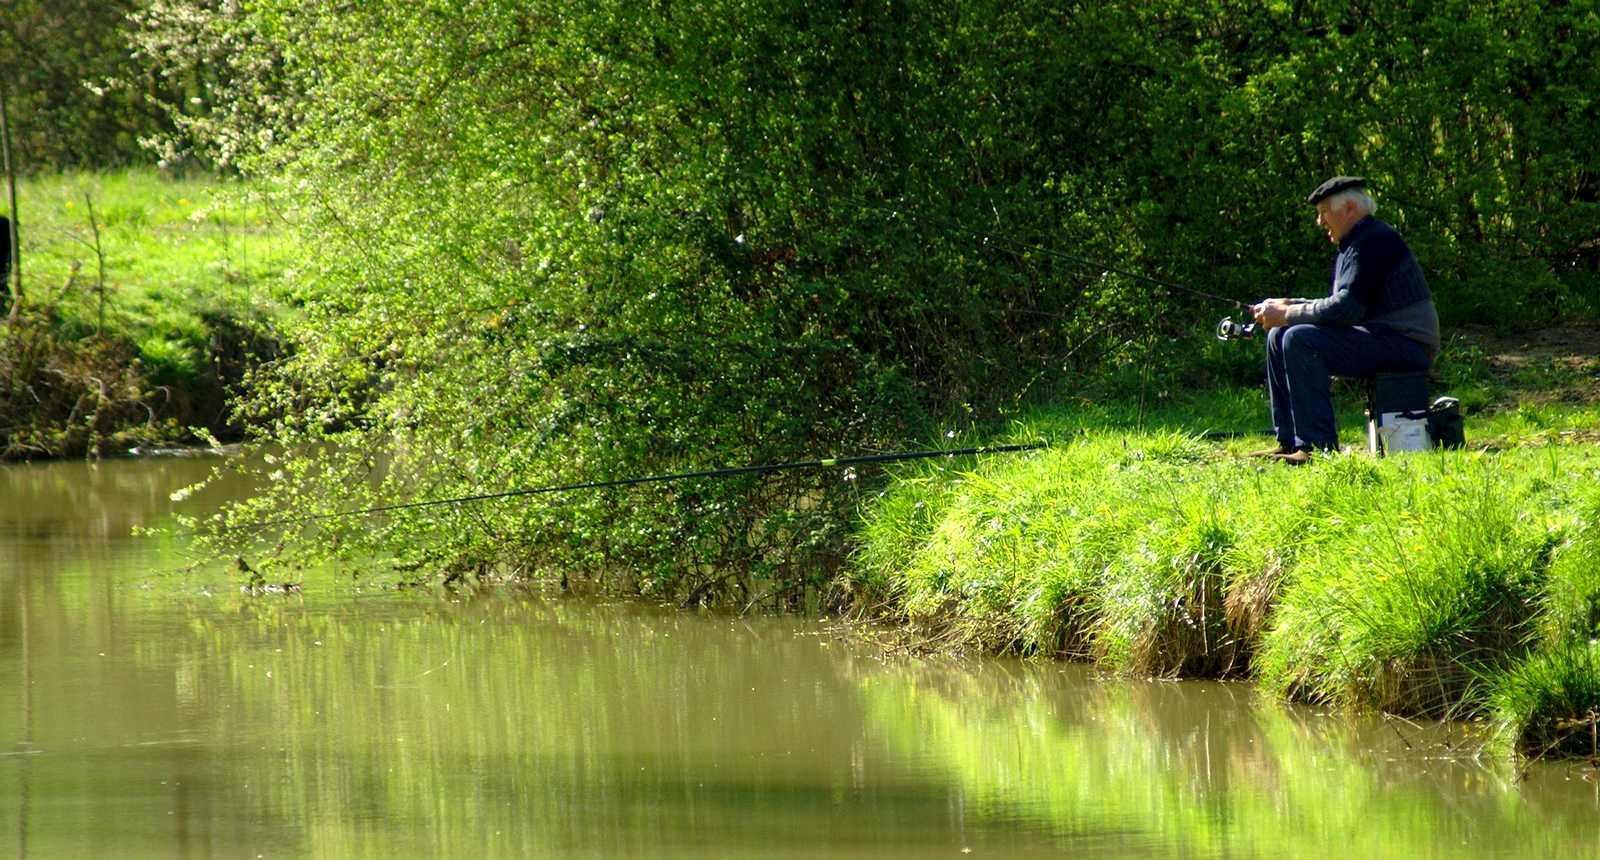 Pêcheur au bord de la rivière Auzoue, près de Fourcès